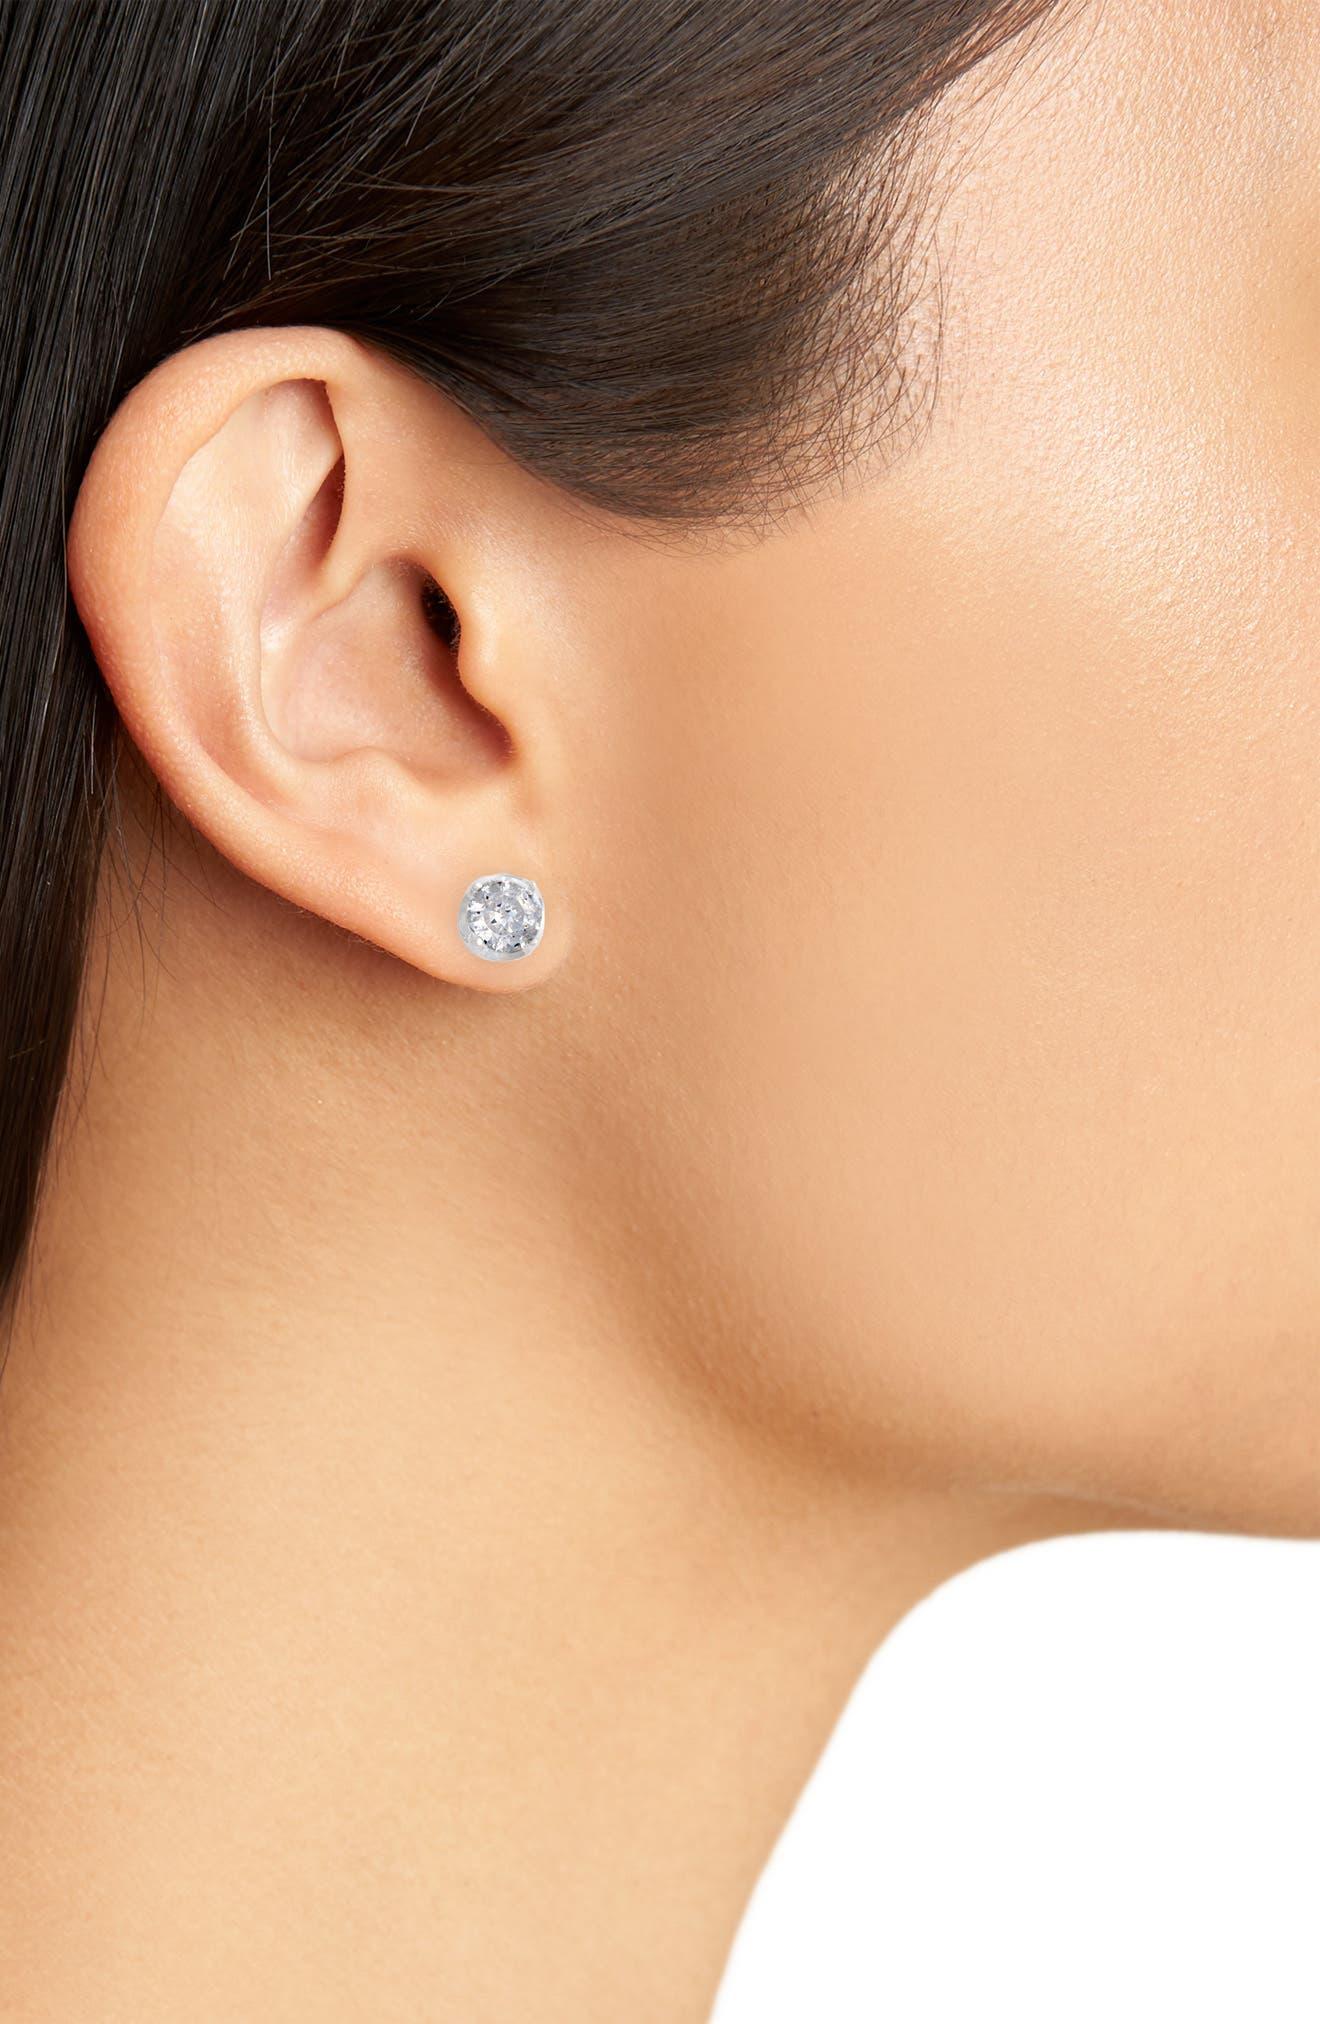 Simulated Diamond Stud Earrings,                             Alternate thumbnail 2, color,                             100